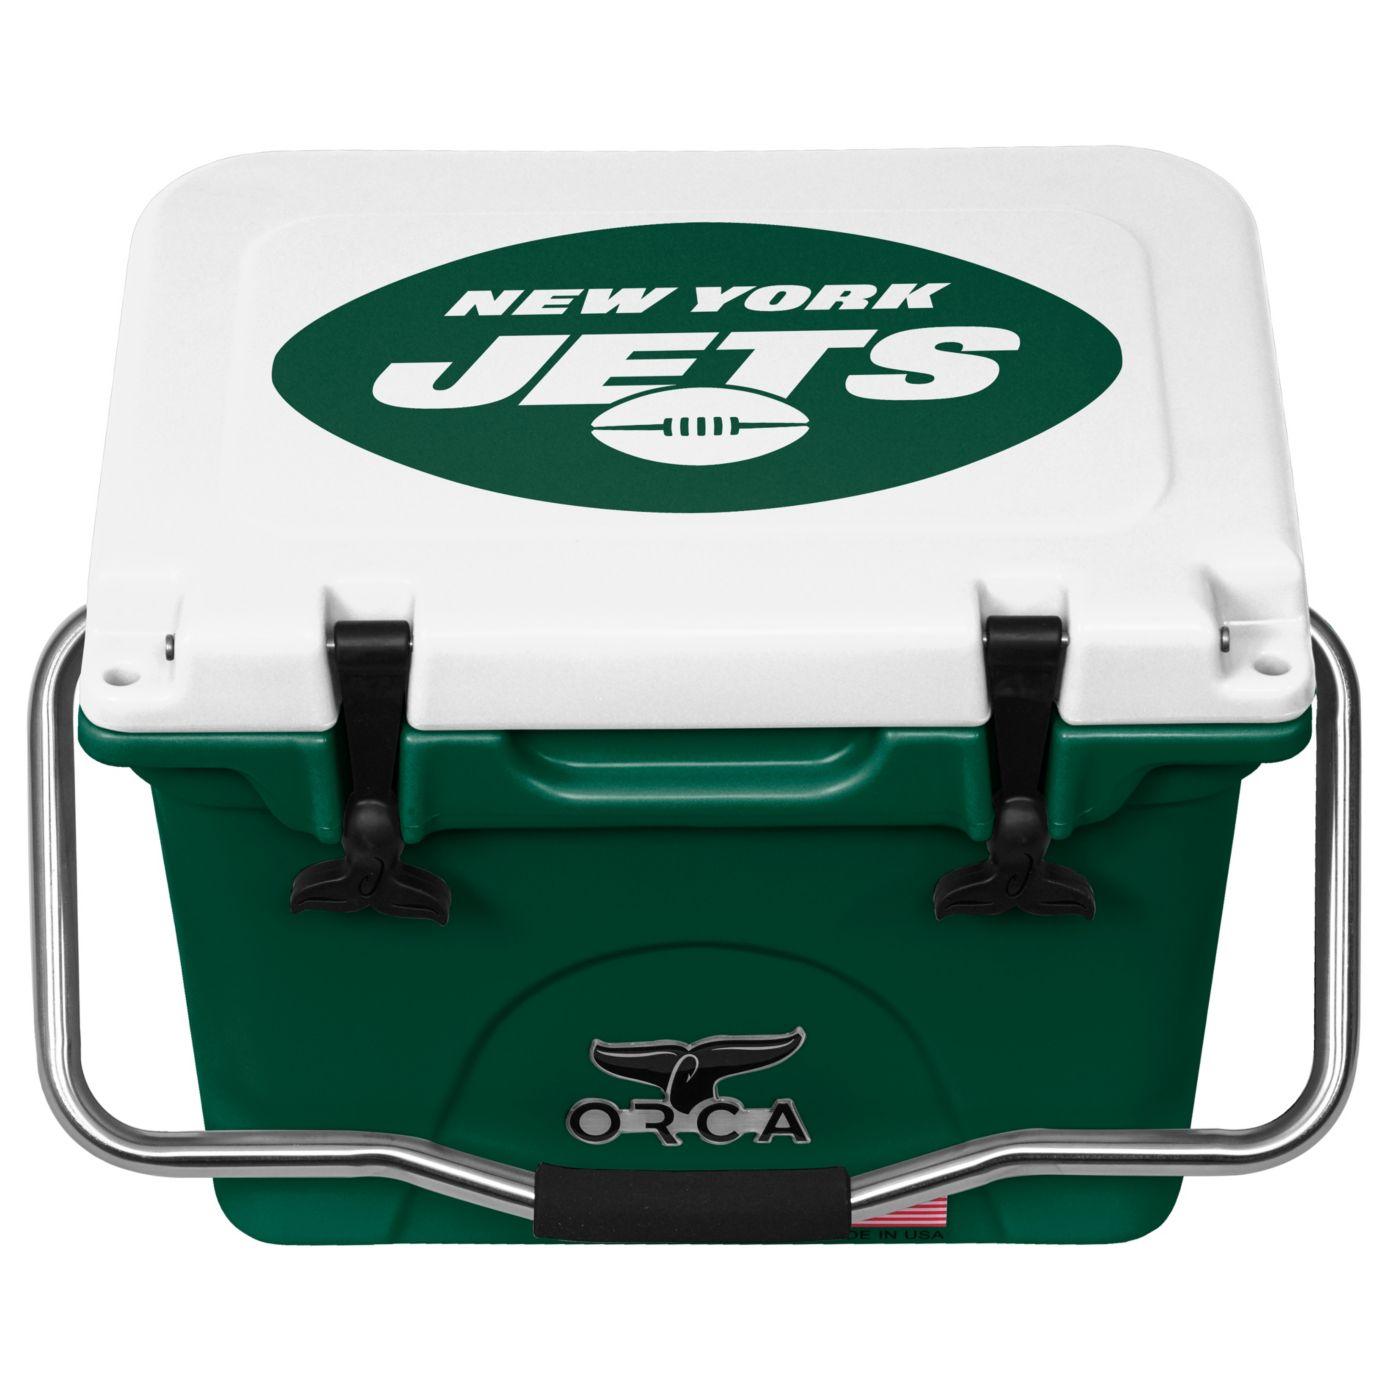 ORCA New York Jets 20qt. Cooler